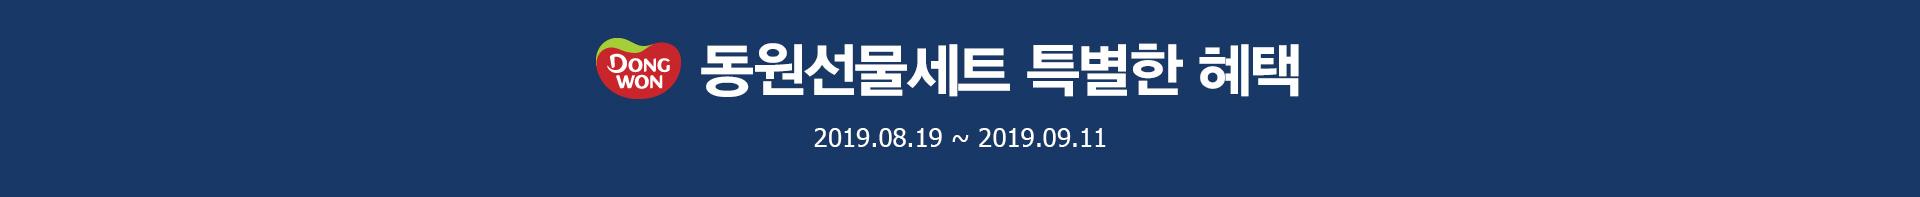 동원 선물세트 특별한 혜택 2019.08.05~2019.08.18